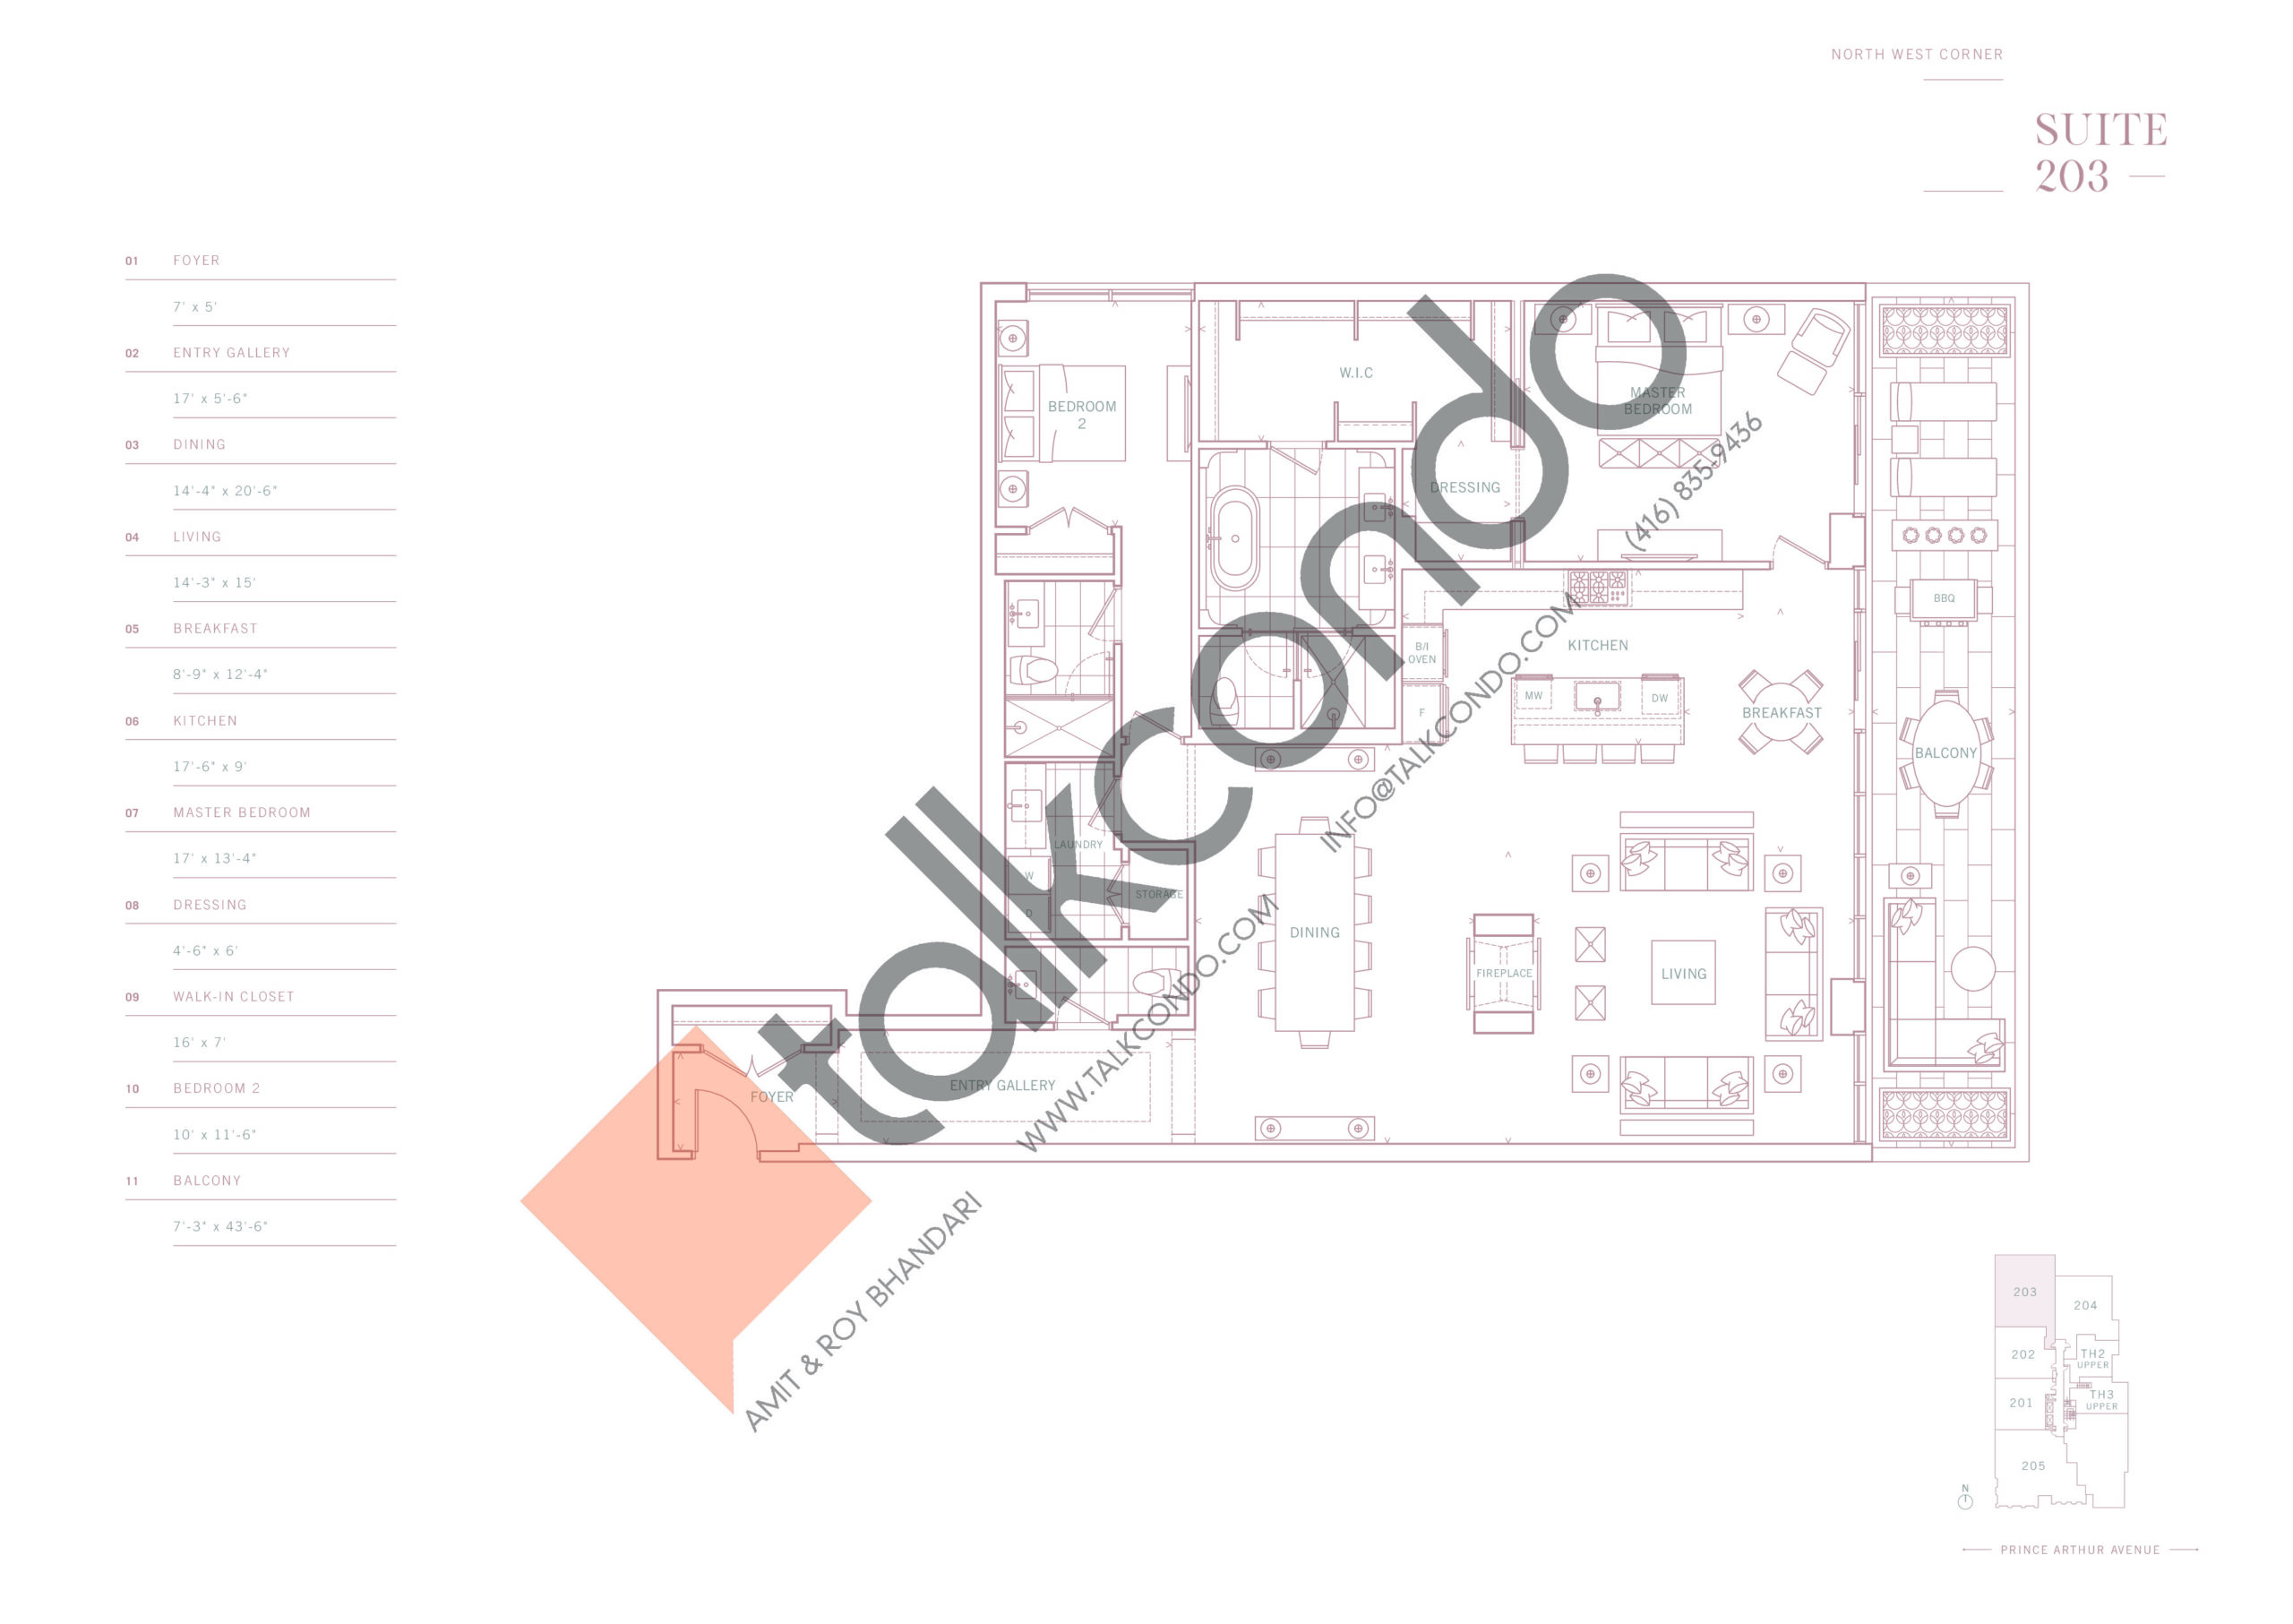 Suite 203 Floor Plan at 10 Prince Arthur Condos - 2158 sq.ft